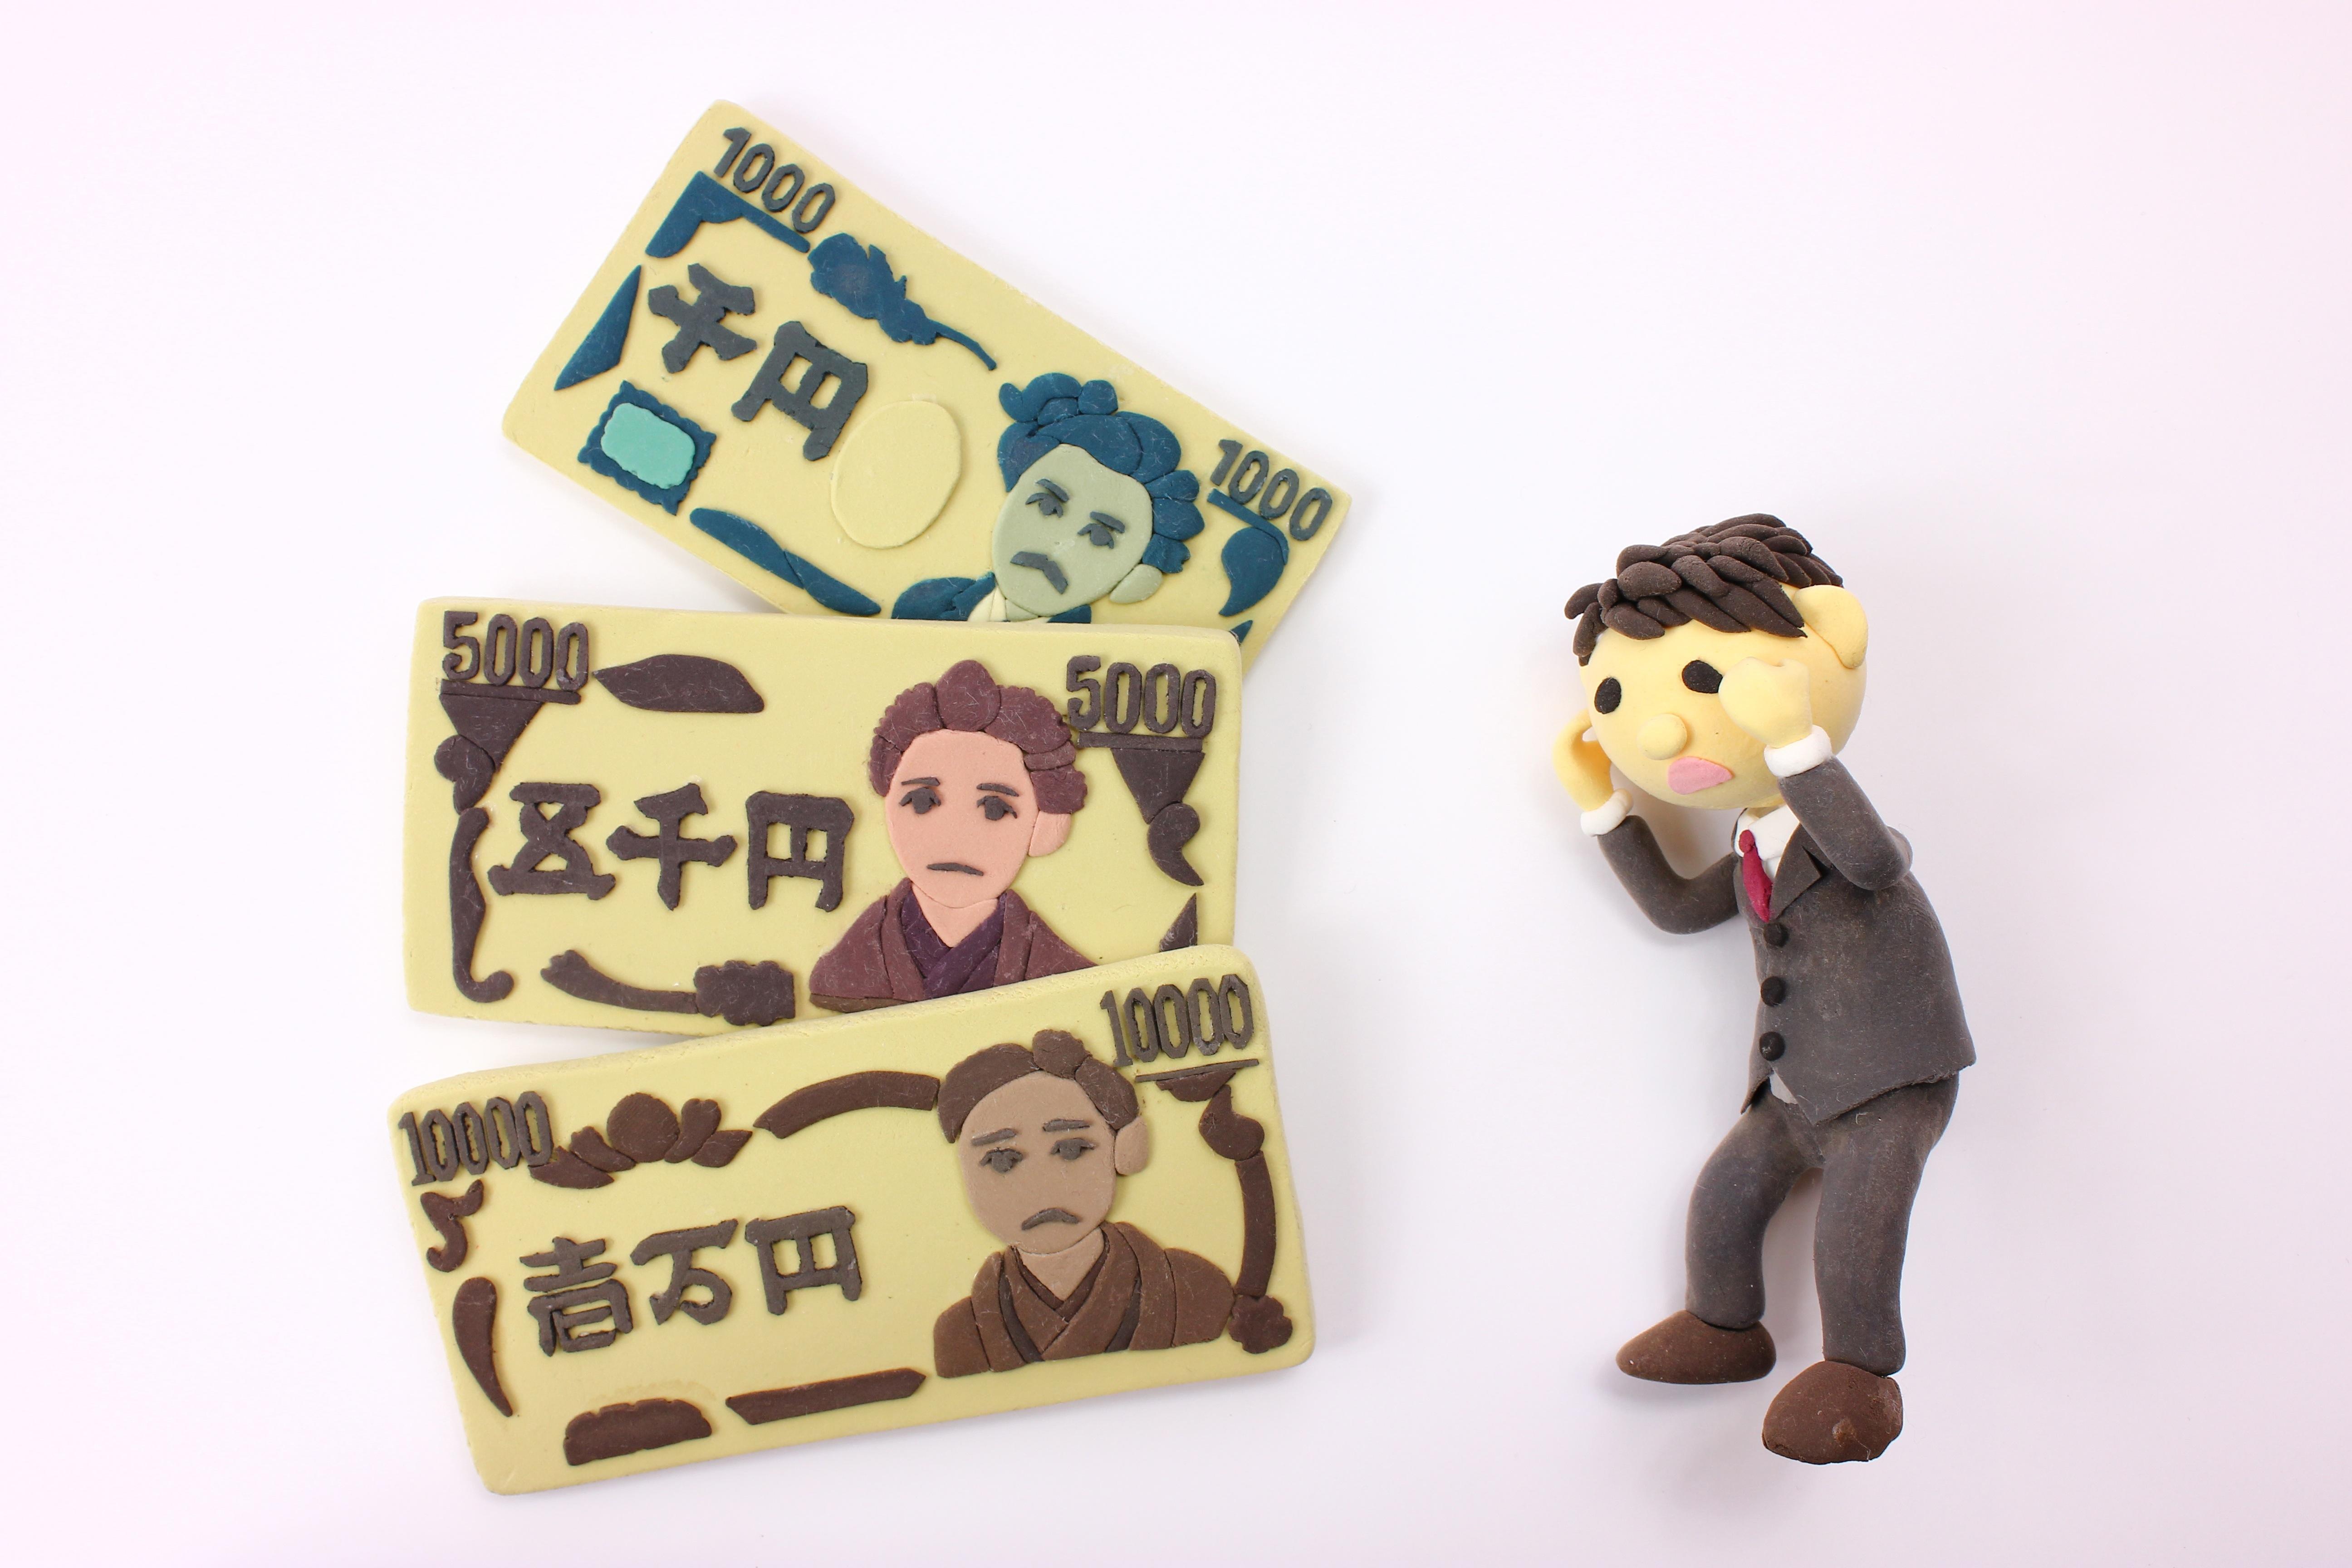 人件費の写真